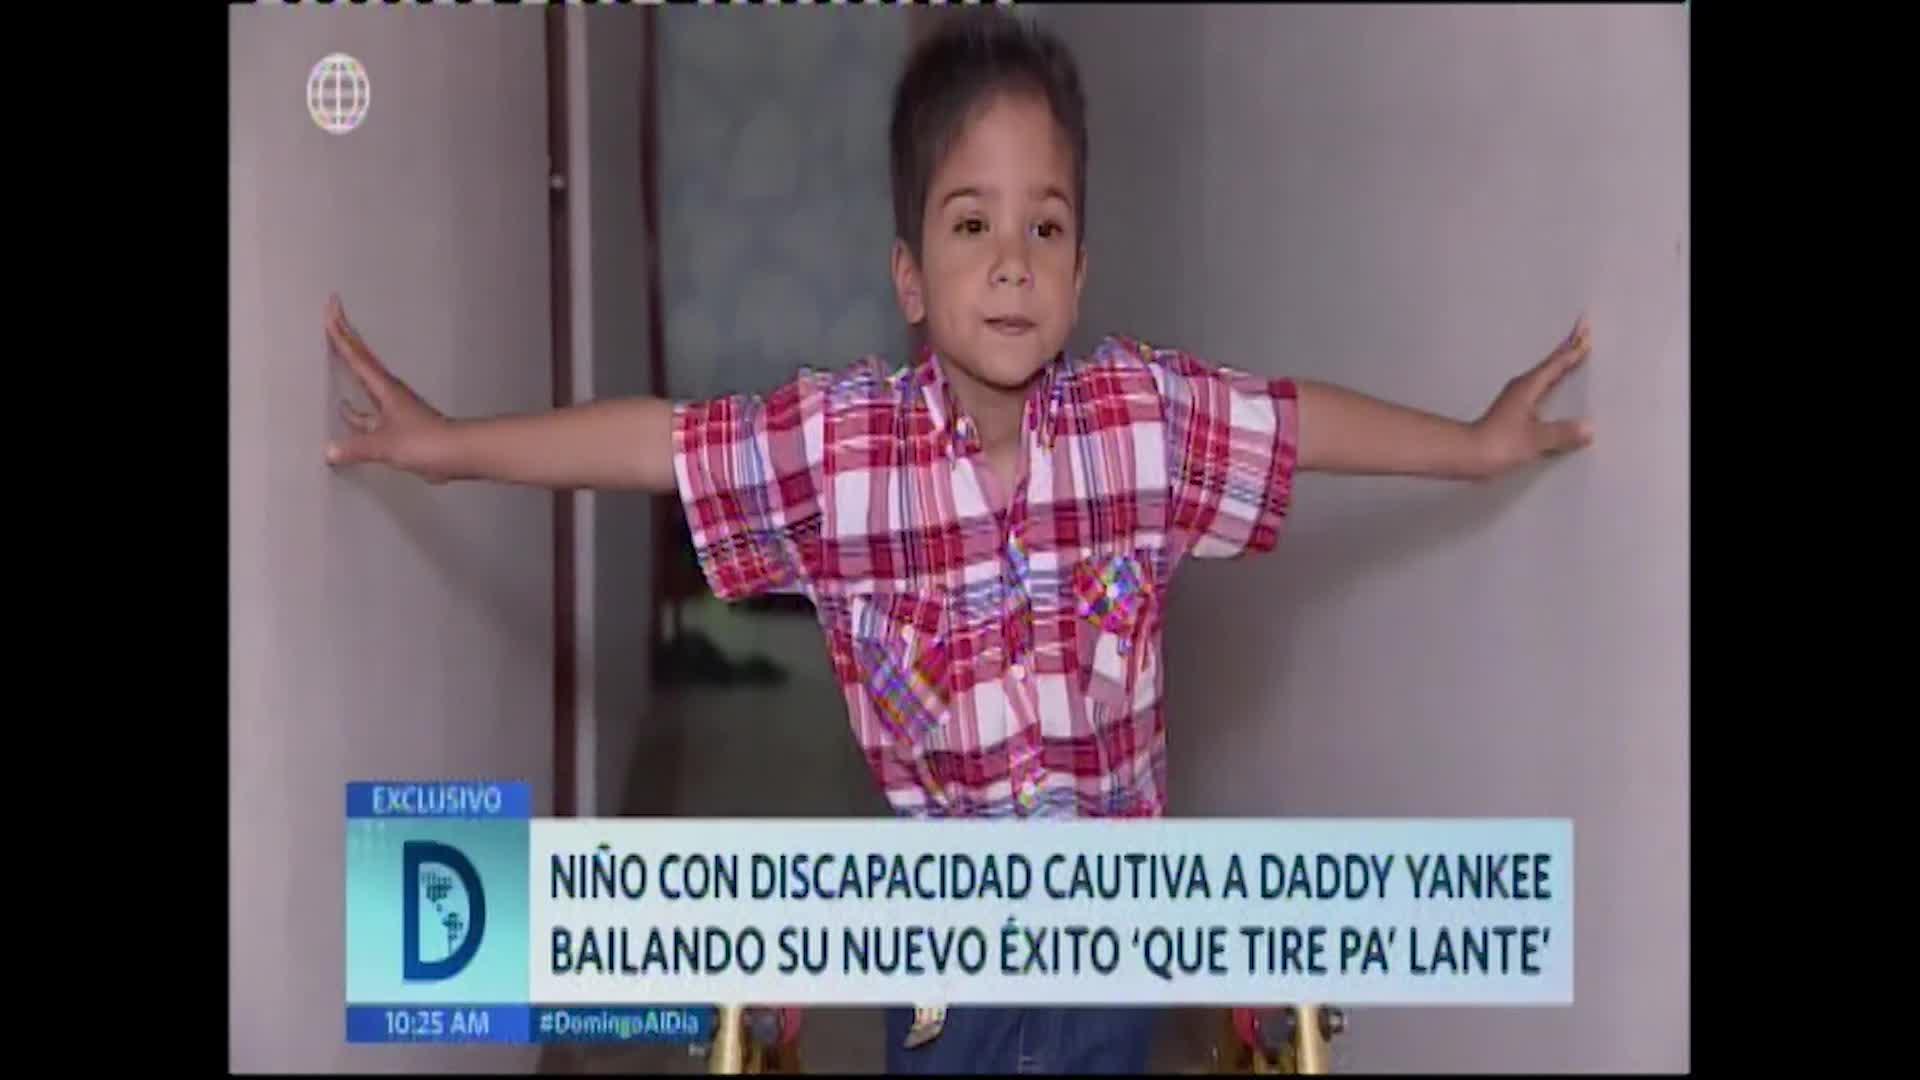 Conozca la historia del niño peruano con discapacidad que cautivó a Daddy Yankee